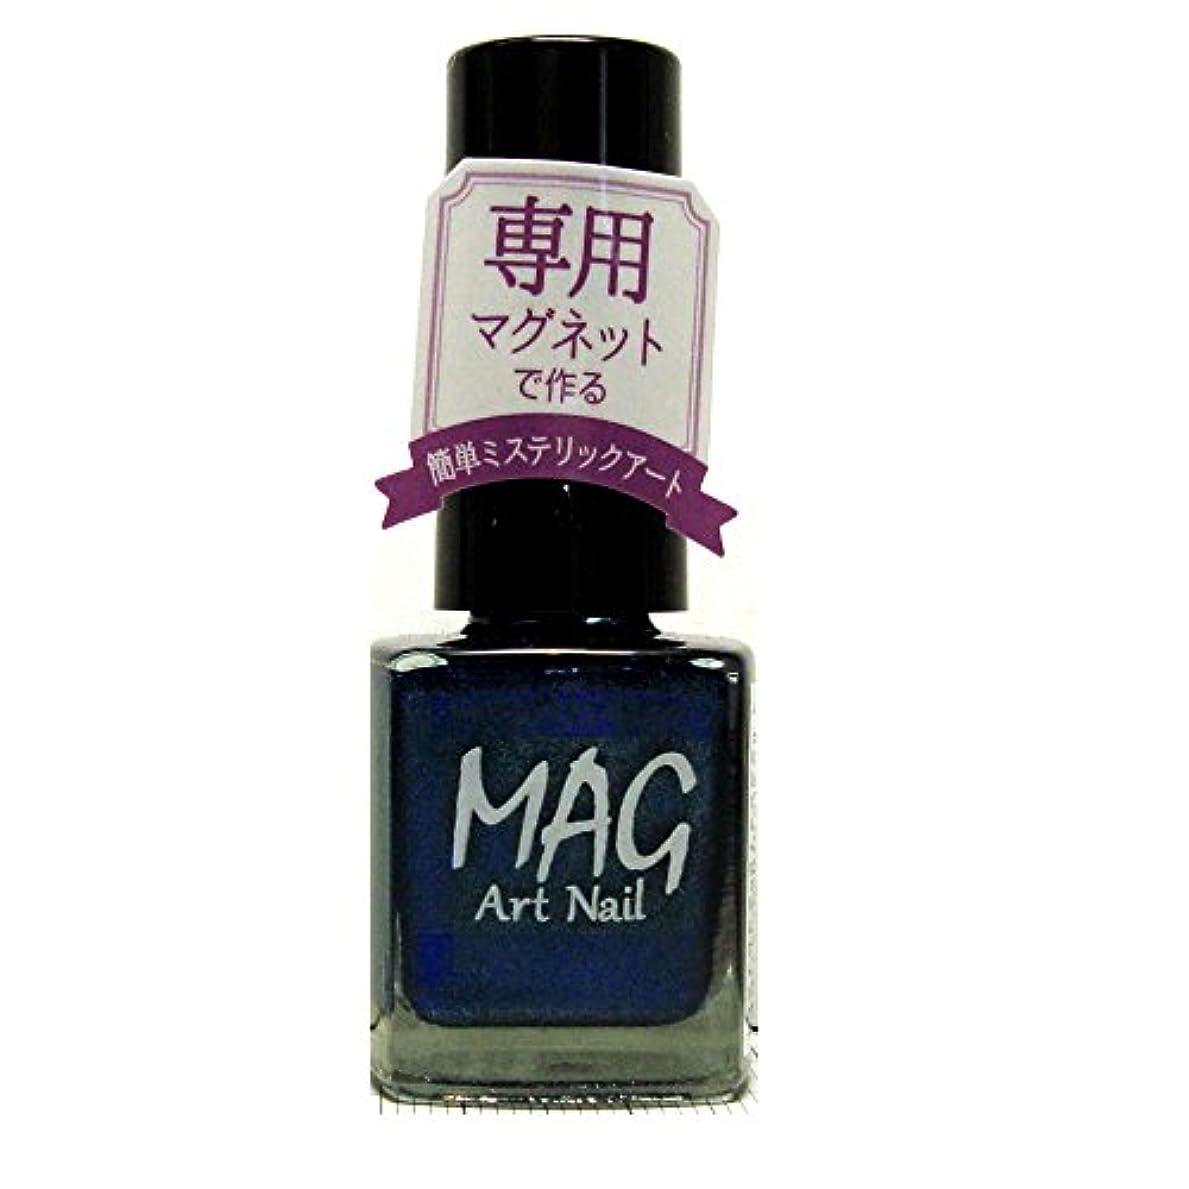 控えめな溶接小競り合いTMマグアートネイル(爪化粧料) TMMA1605 ナイトブルー